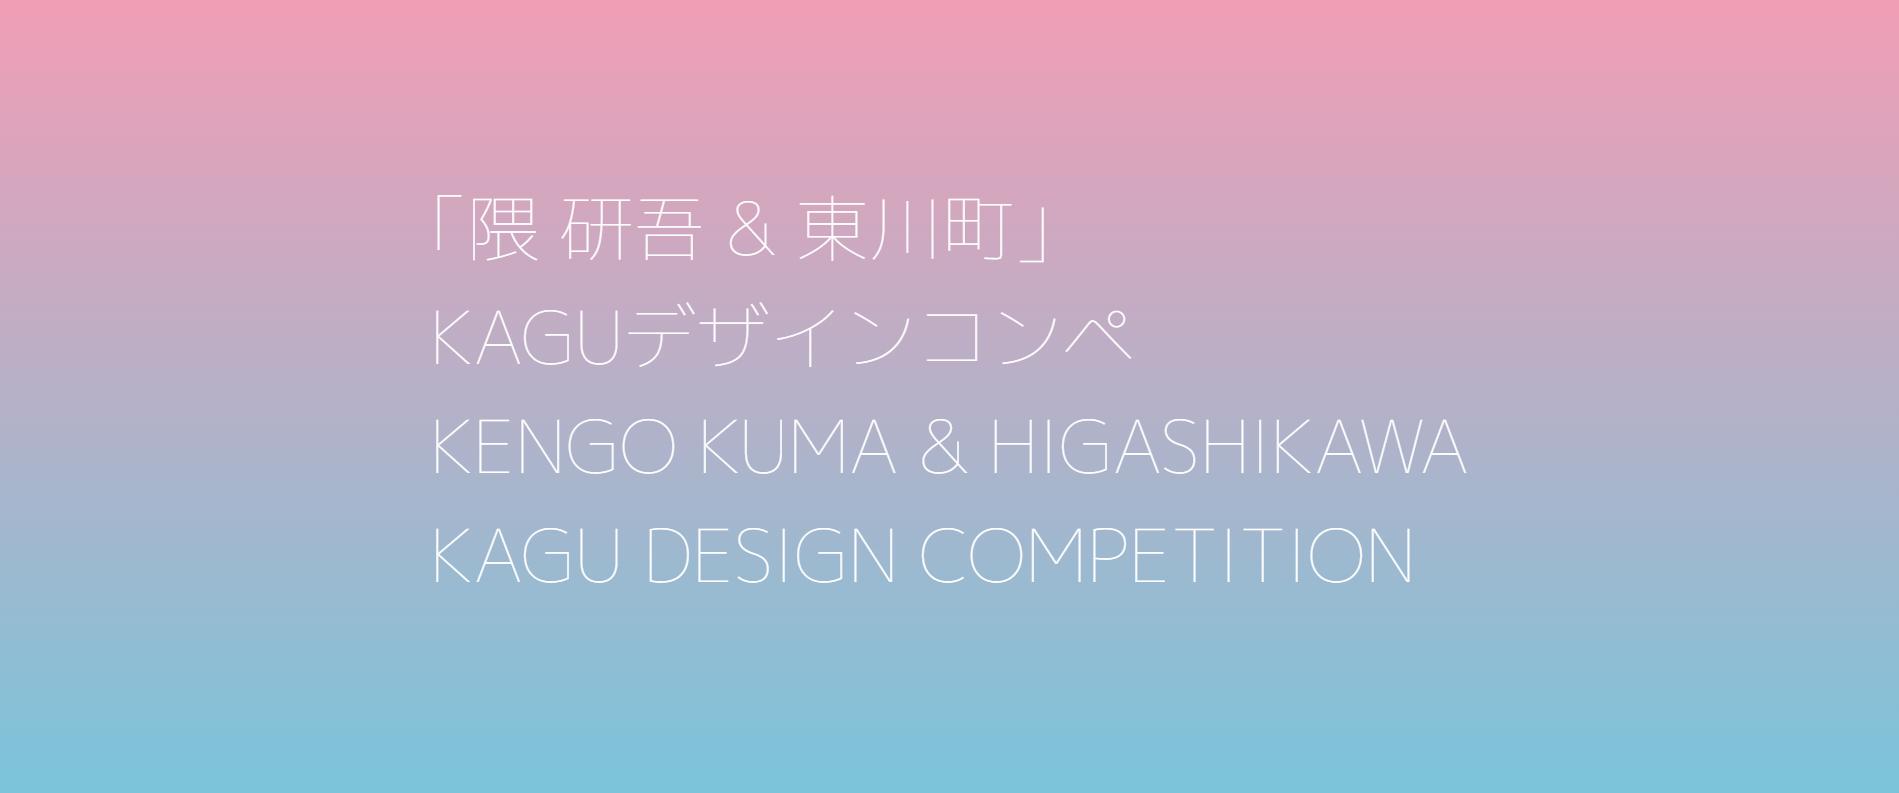 第二届隈研吾&東川町家具设计竞赛